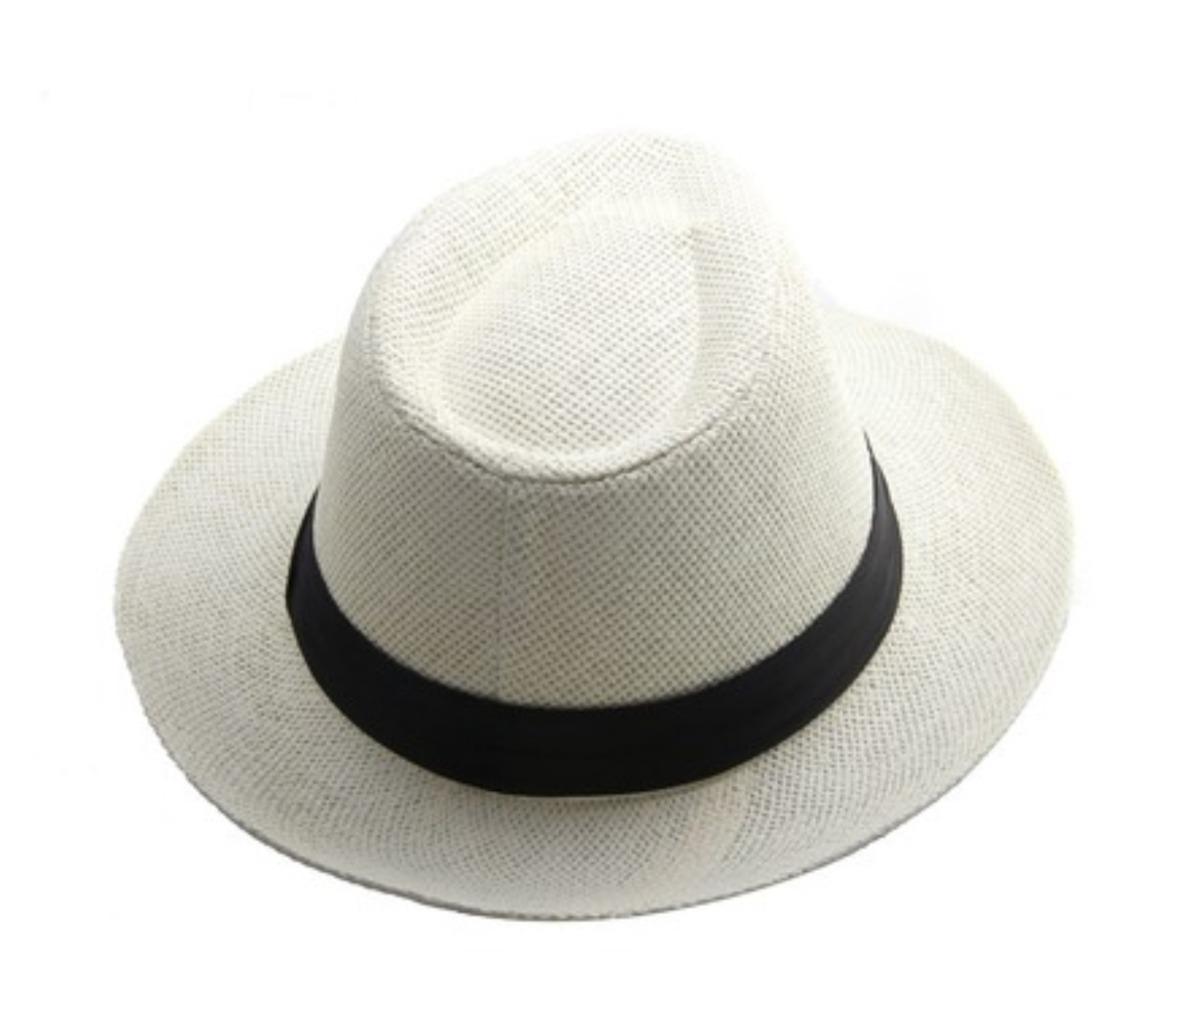 Sombrero Panama En Color Blanco Y Marron - Mercadolider -   259 c820d348276